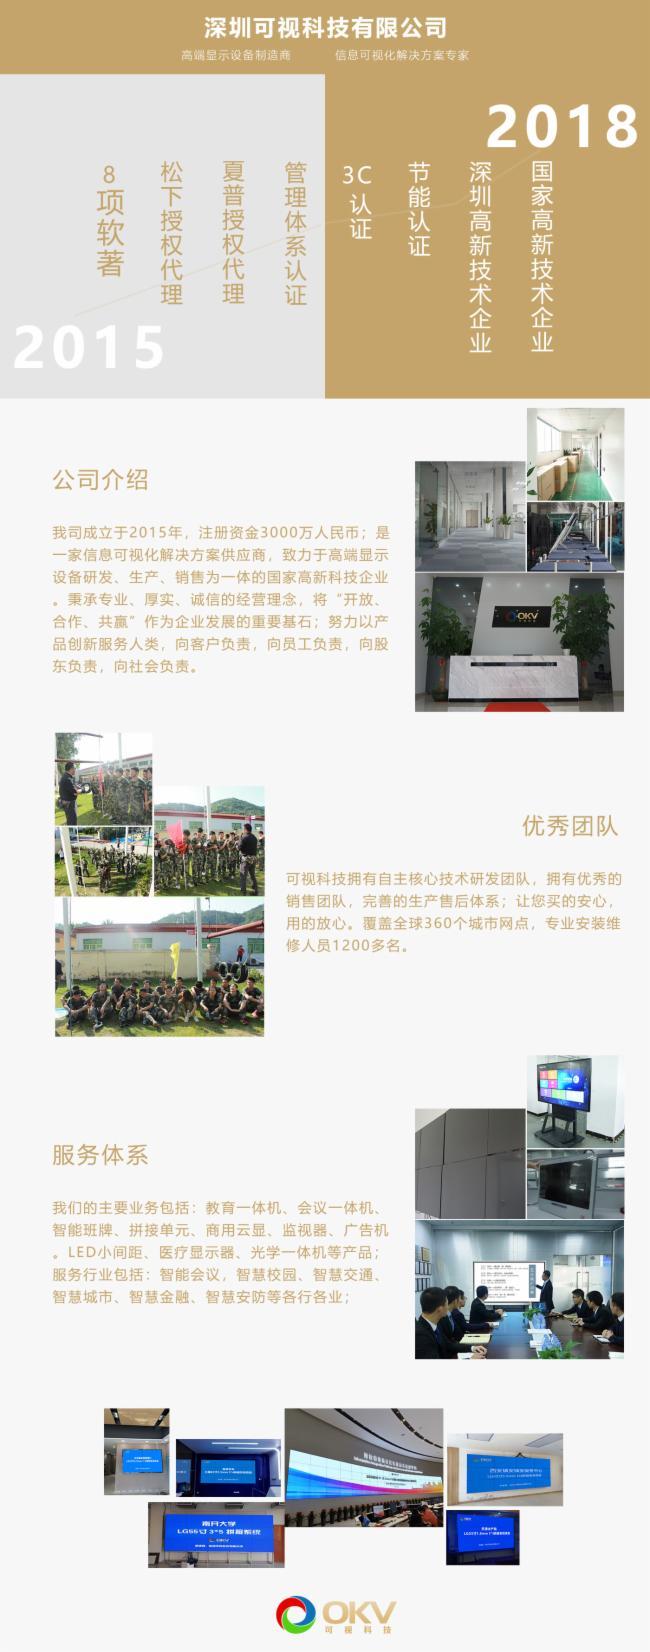 深圳可视科技有限公司(可视OKV)企业概况